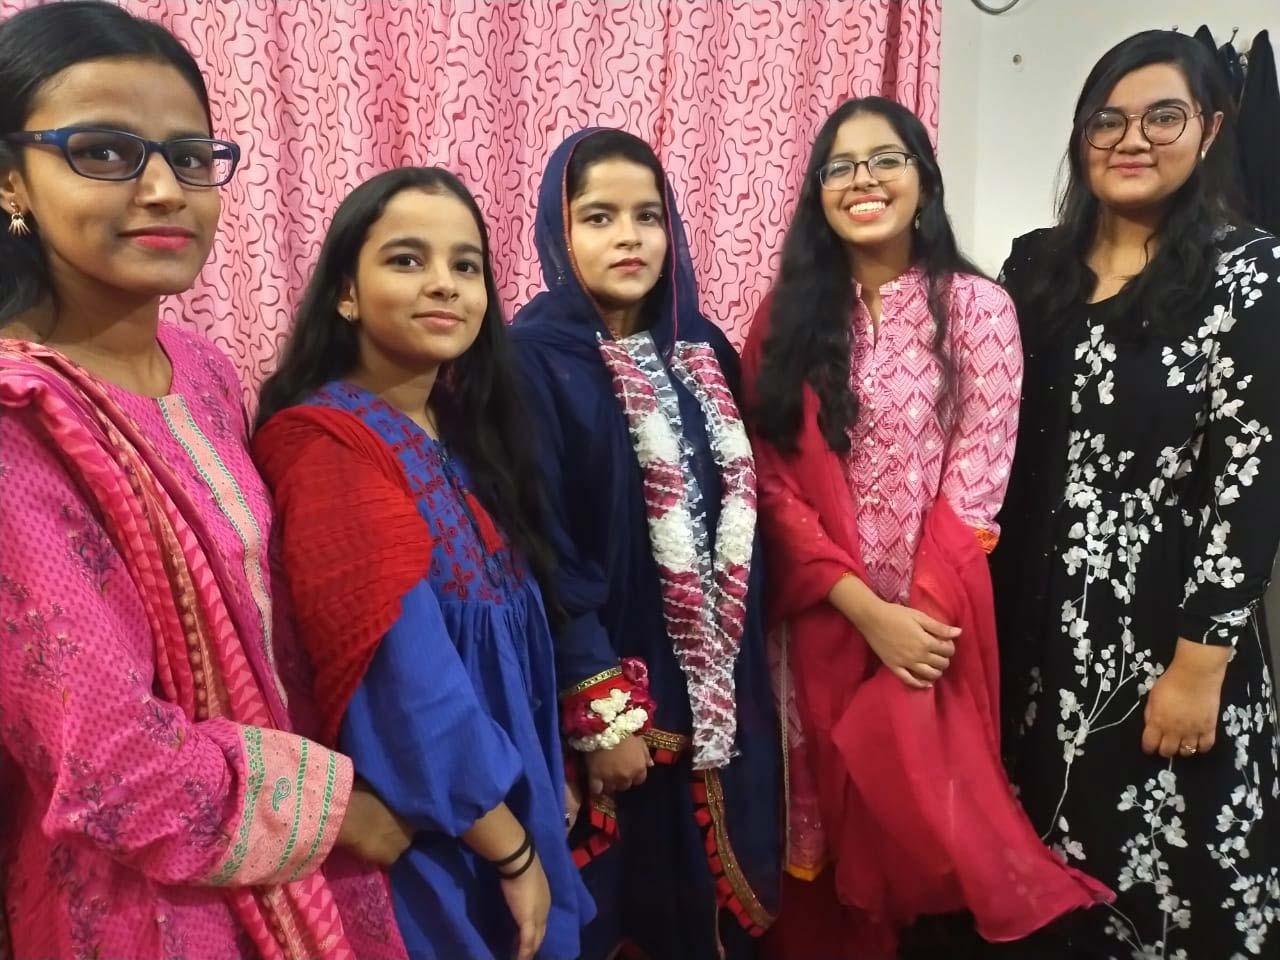 Hadiya Abdul Bari, Khaula Abdul Bari, Umaima Abdul Bari, Mariam Ata Ur Rehman, Khansa Shareef